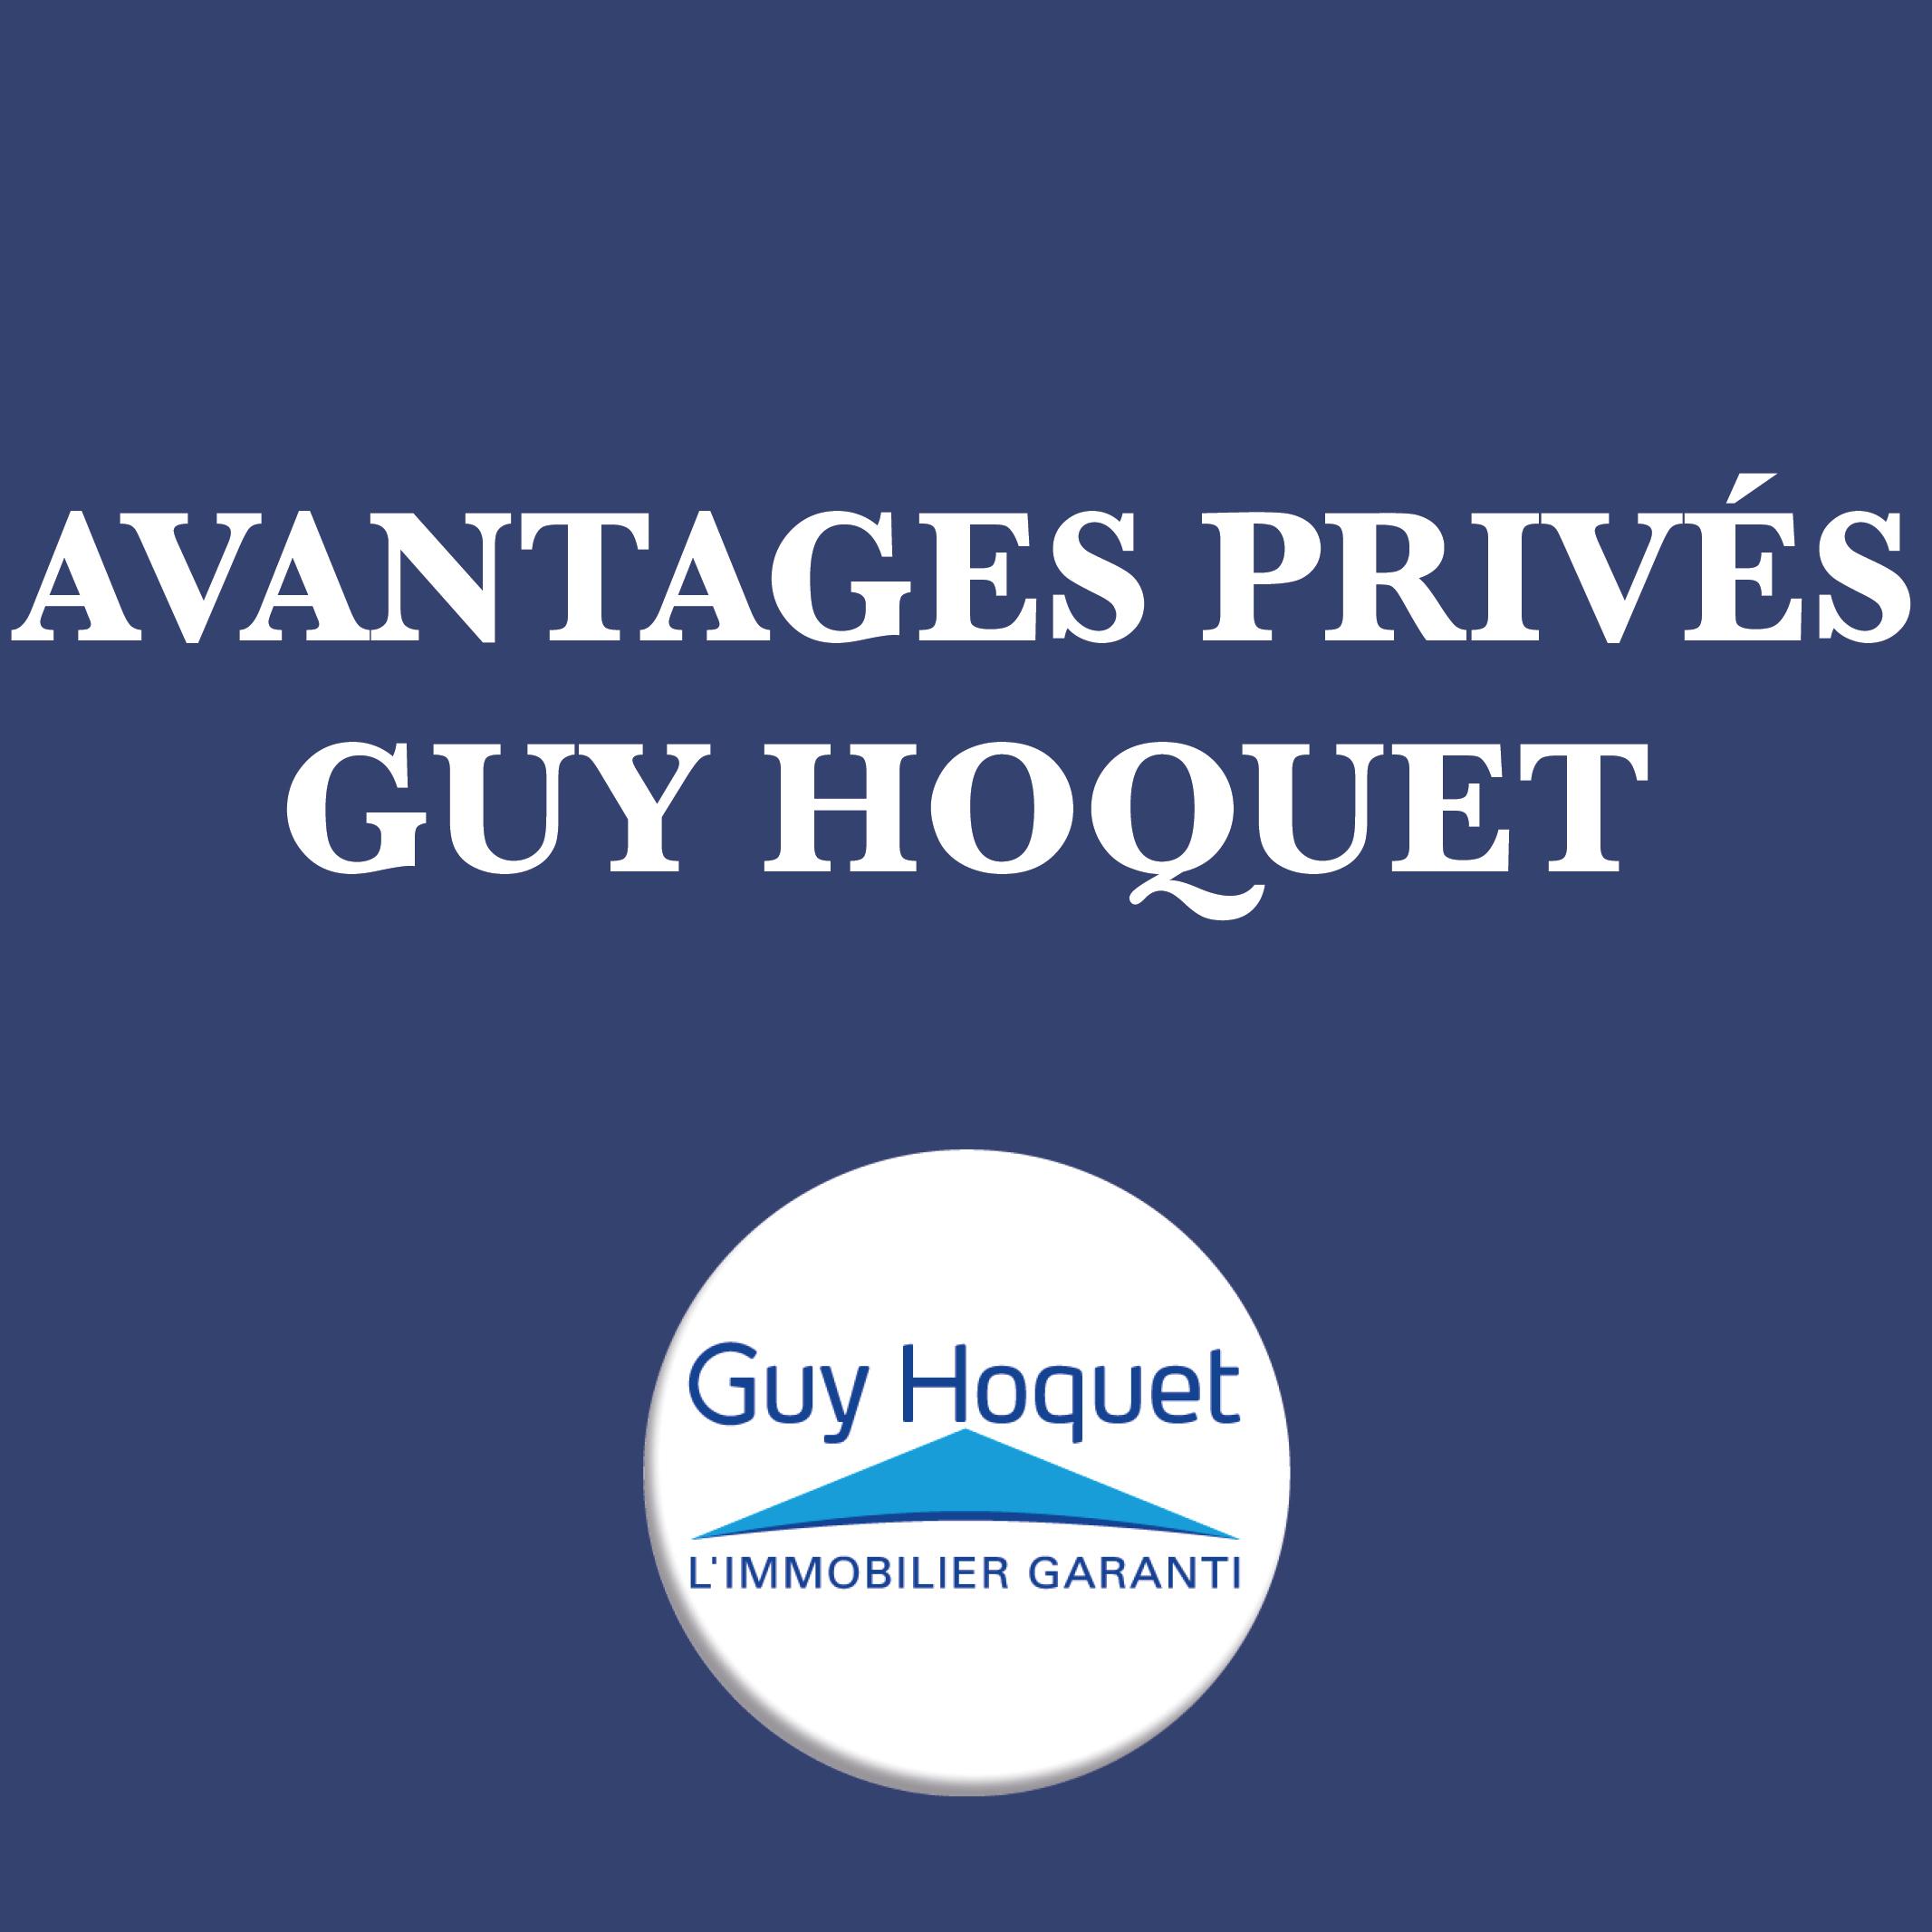 Avantages Privés Guy Hoquet